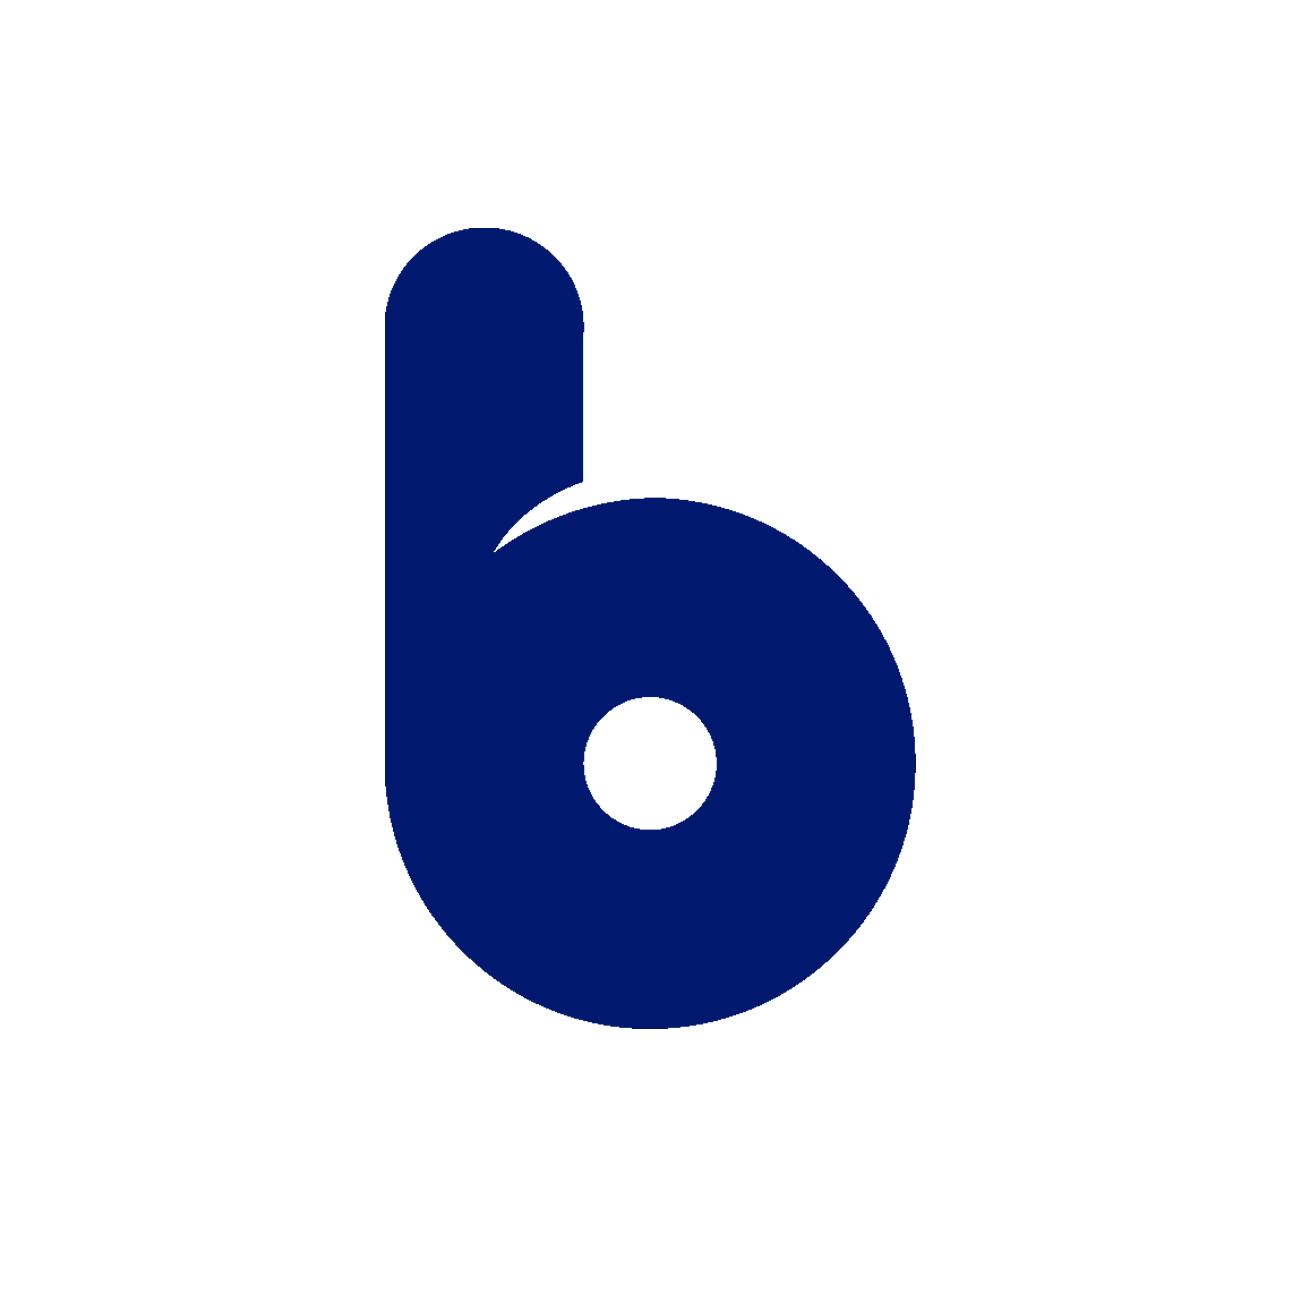 Fundraising Organizations Bumrun 2020 Race Roster Registration Marketing Fundraising